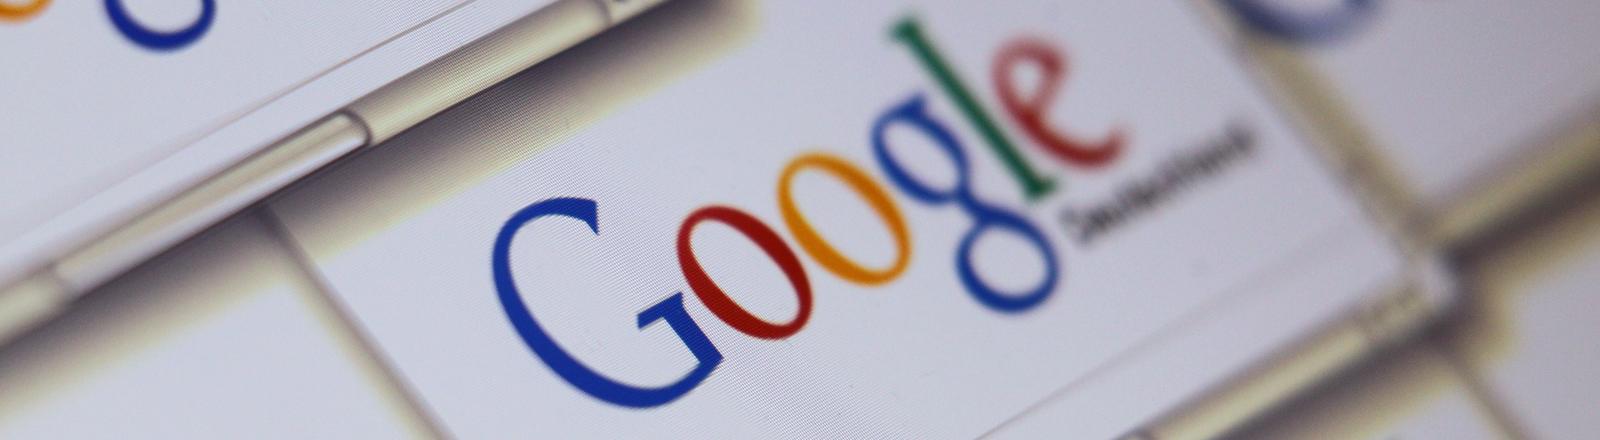 Mehrere Webseiten der Internet-Suchmaschine Google aufgenommen am 14.05.2014 auf einem Bildschirm in Kaufbeuren (Bayern).